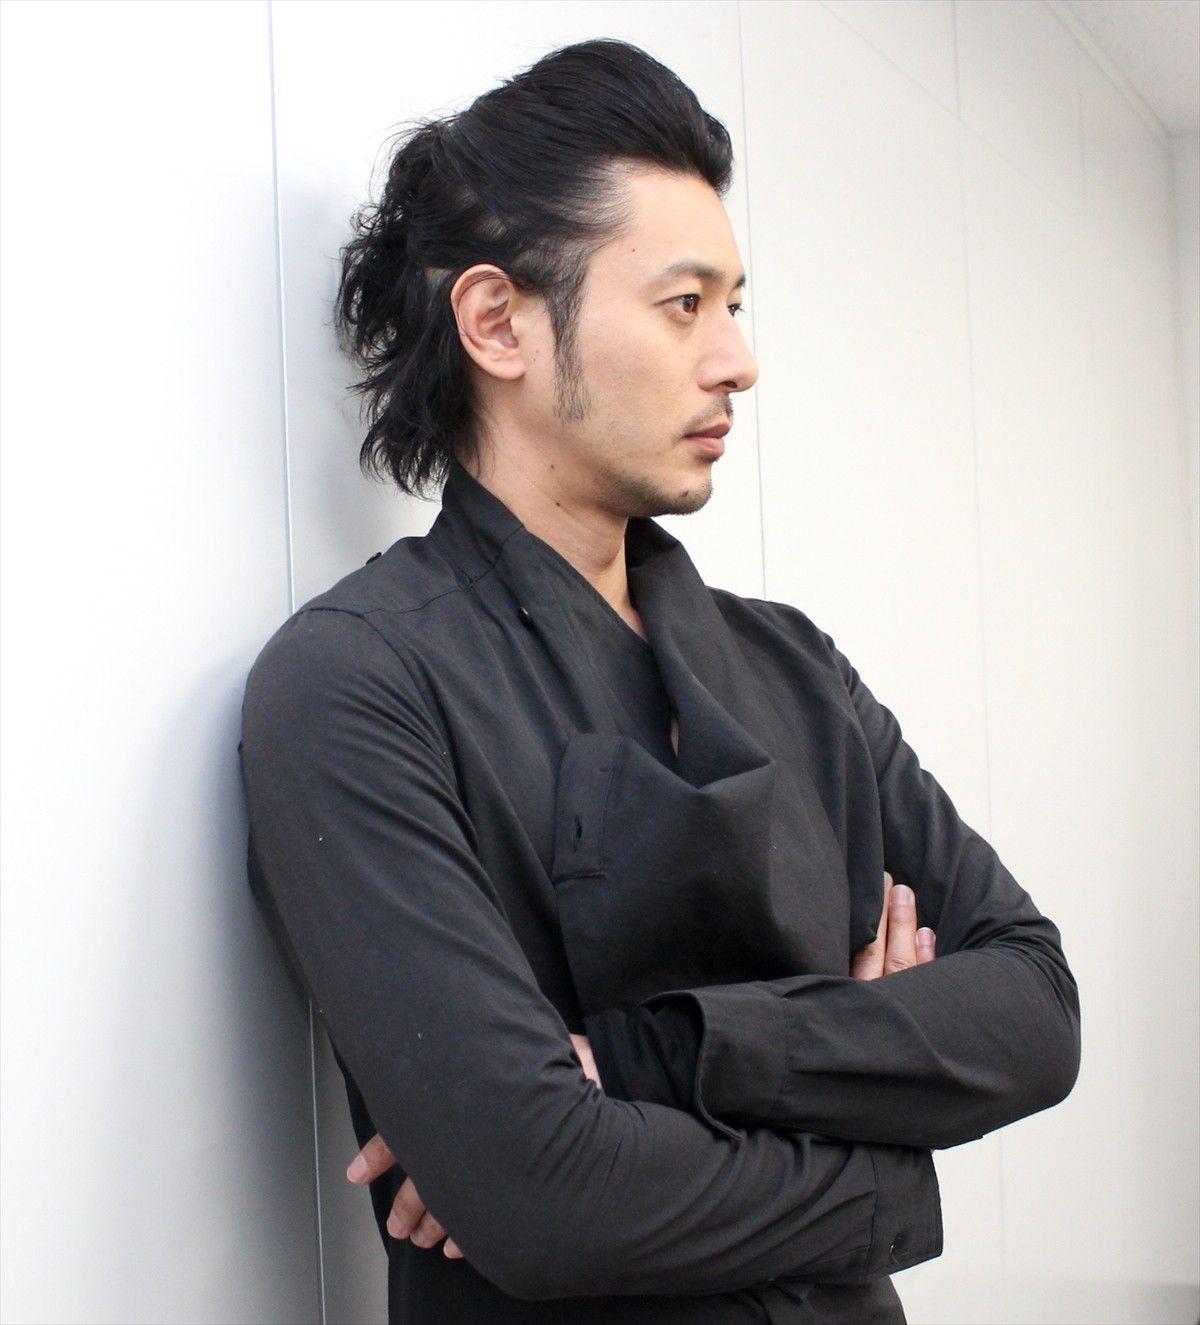 最新 オダギリジョーの髪型から学ぶオシャレヘアのセット方法 ヘアスタイルマガジン 長い髪の男 メンズ 長髪 アジアの男性のヘアスタイル